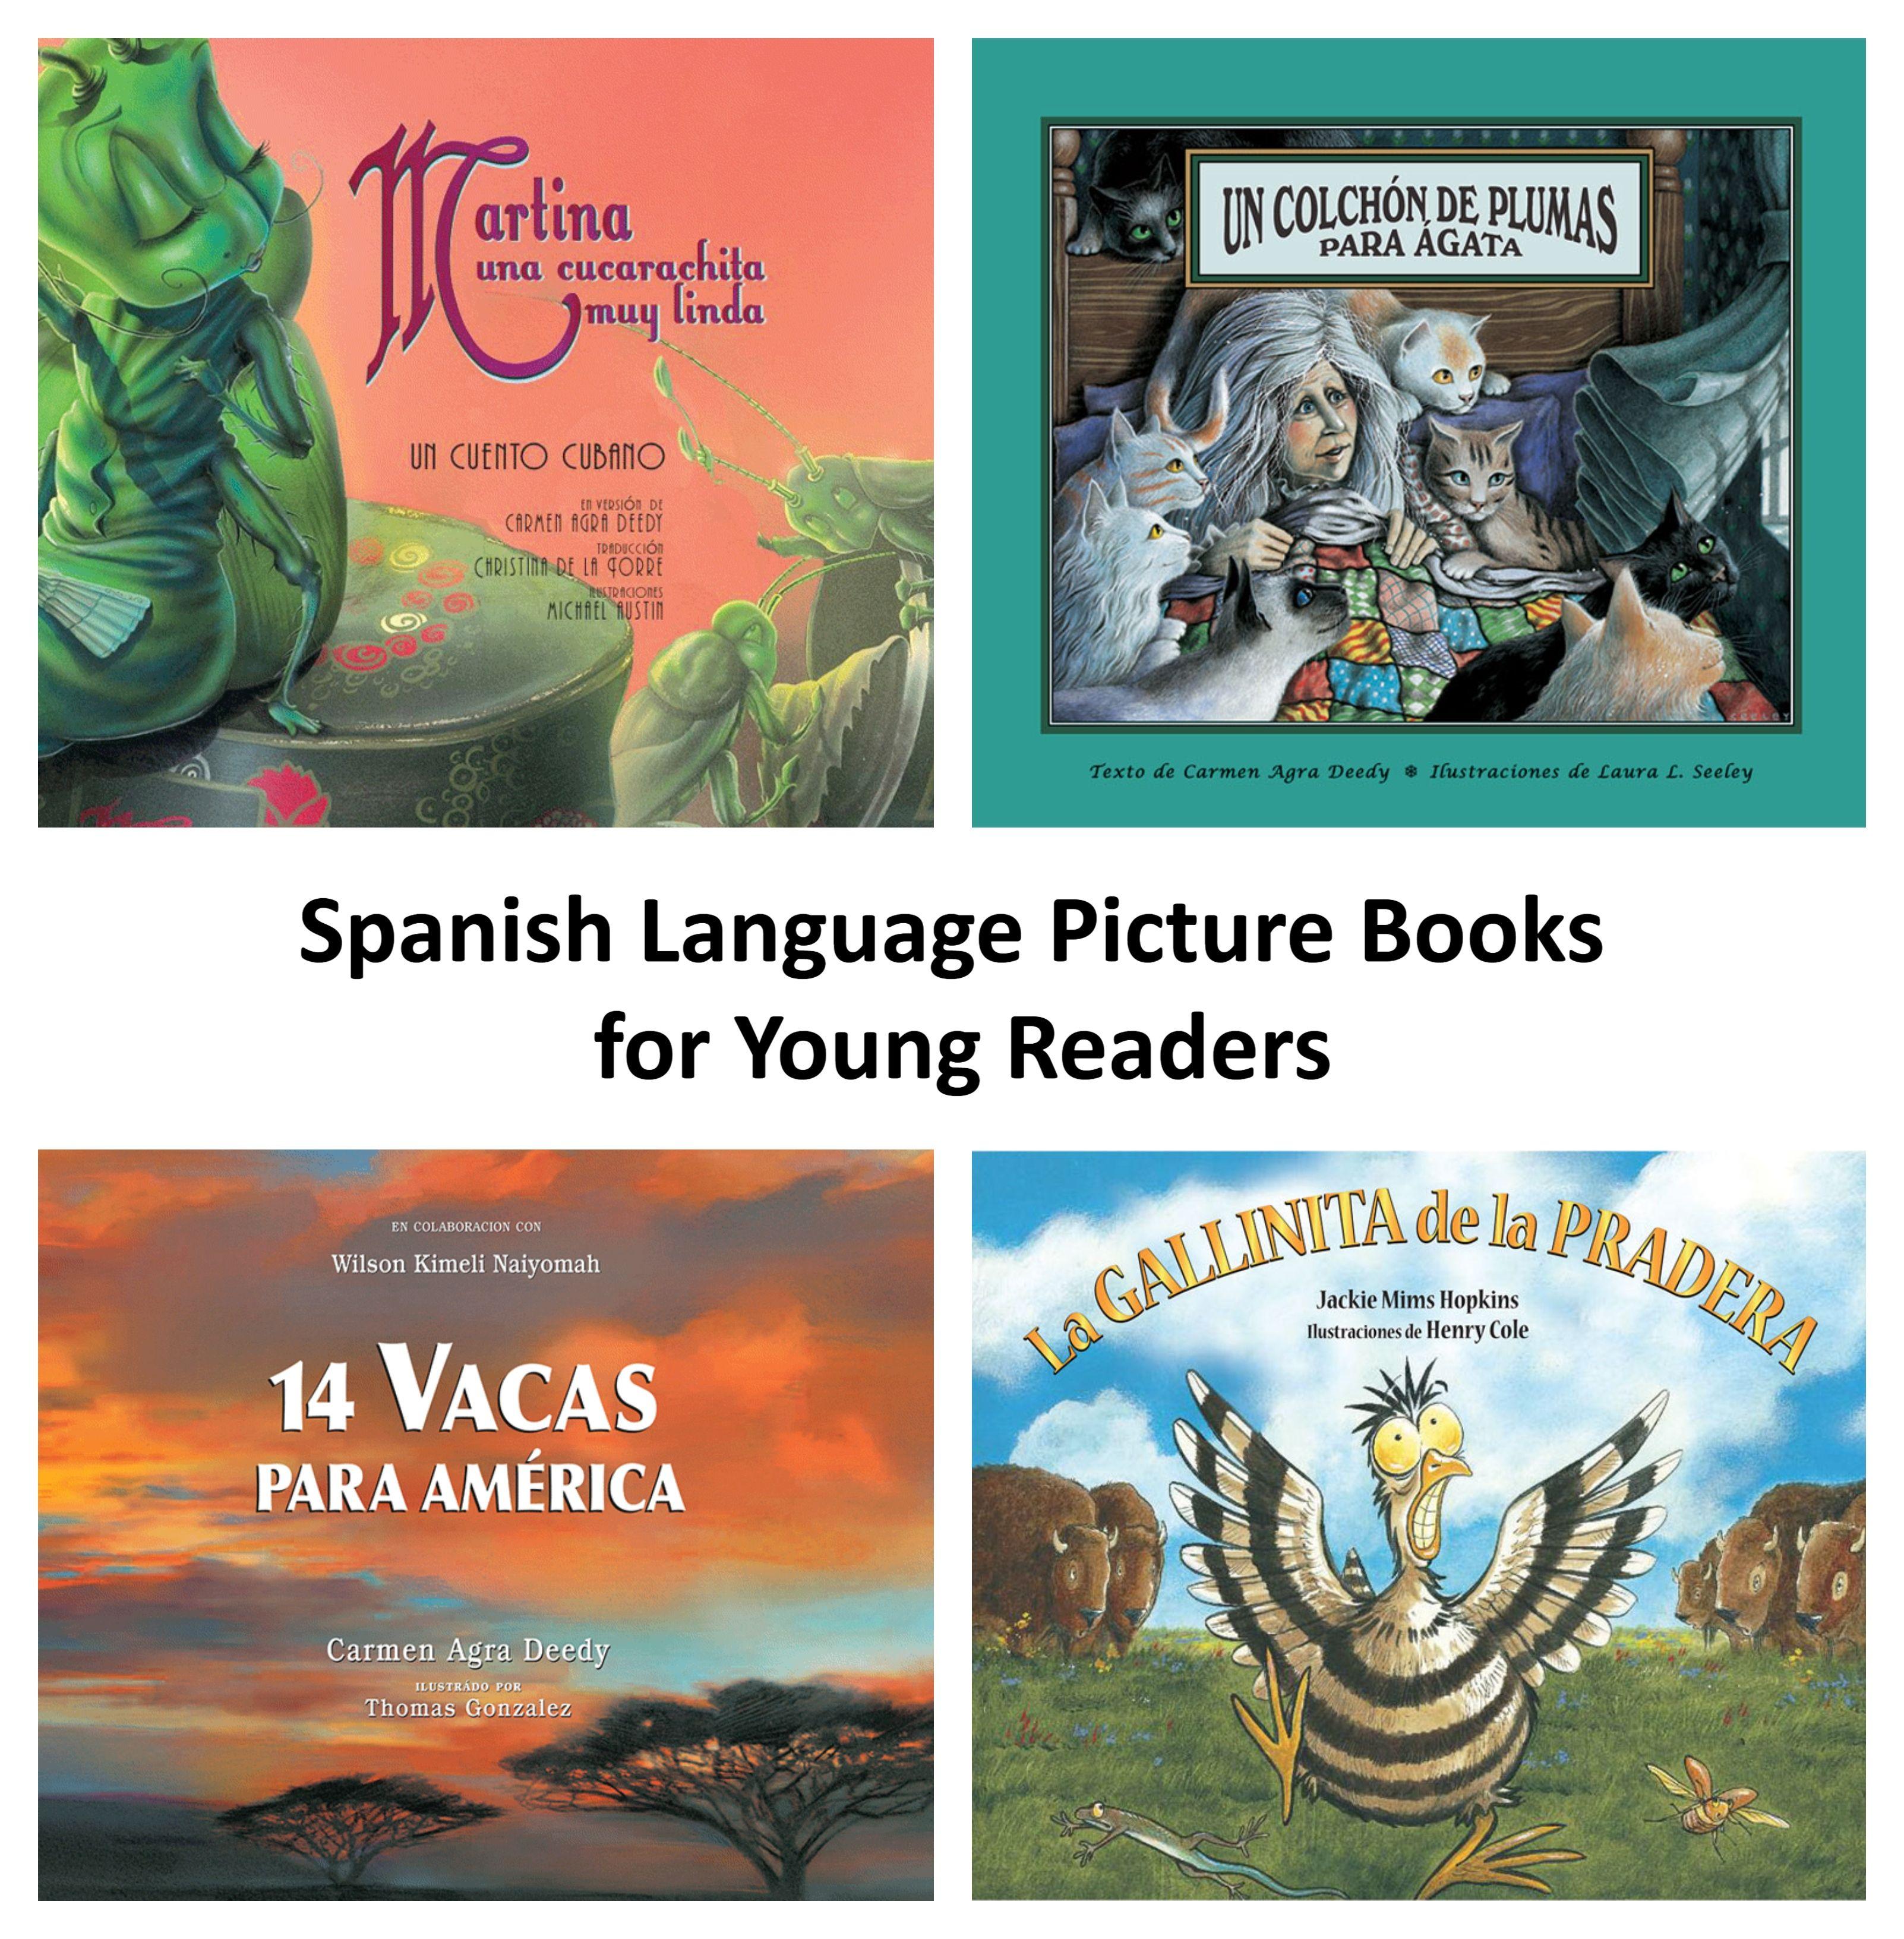 7 spanish language picture books books how to speak